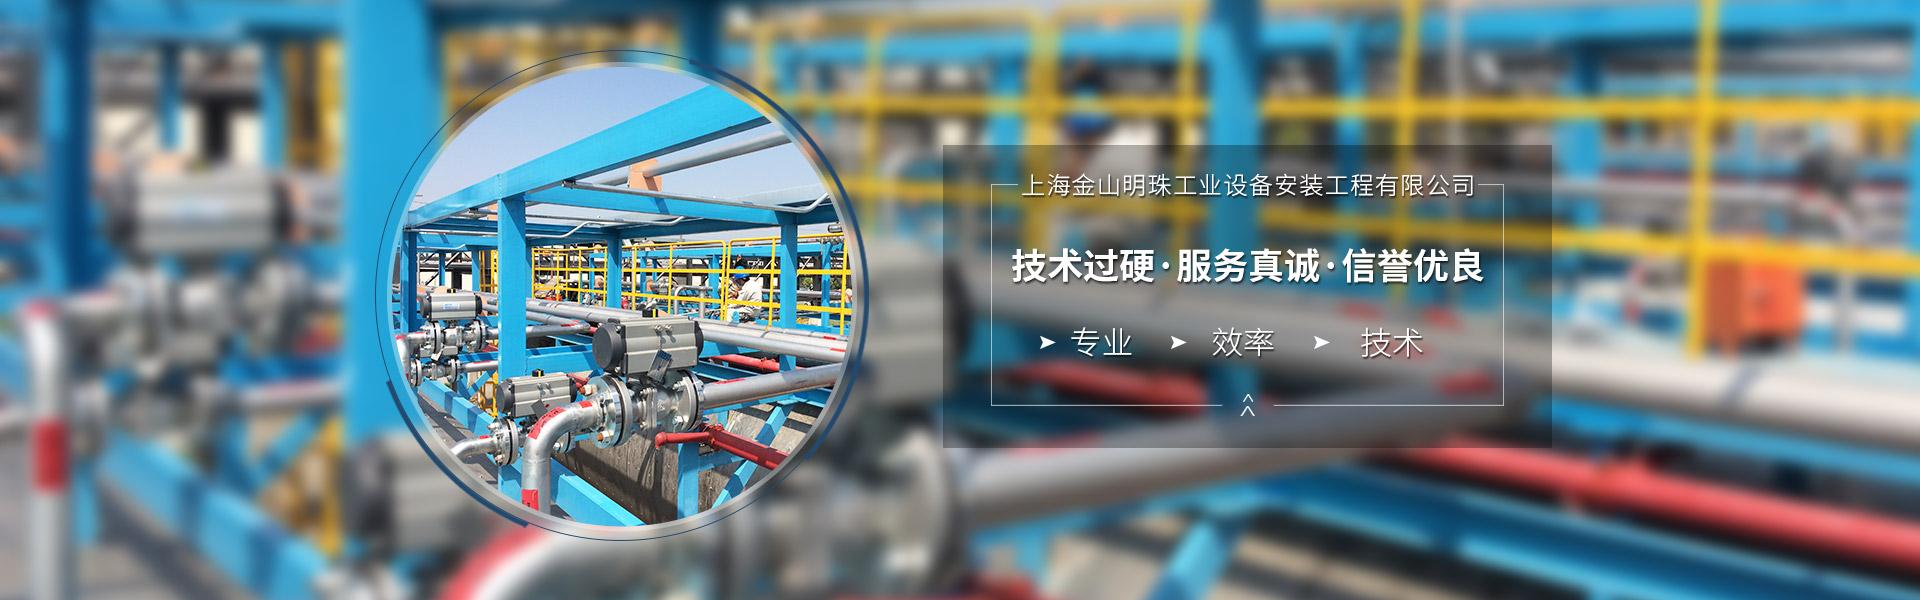 工业自动化设备安装检修